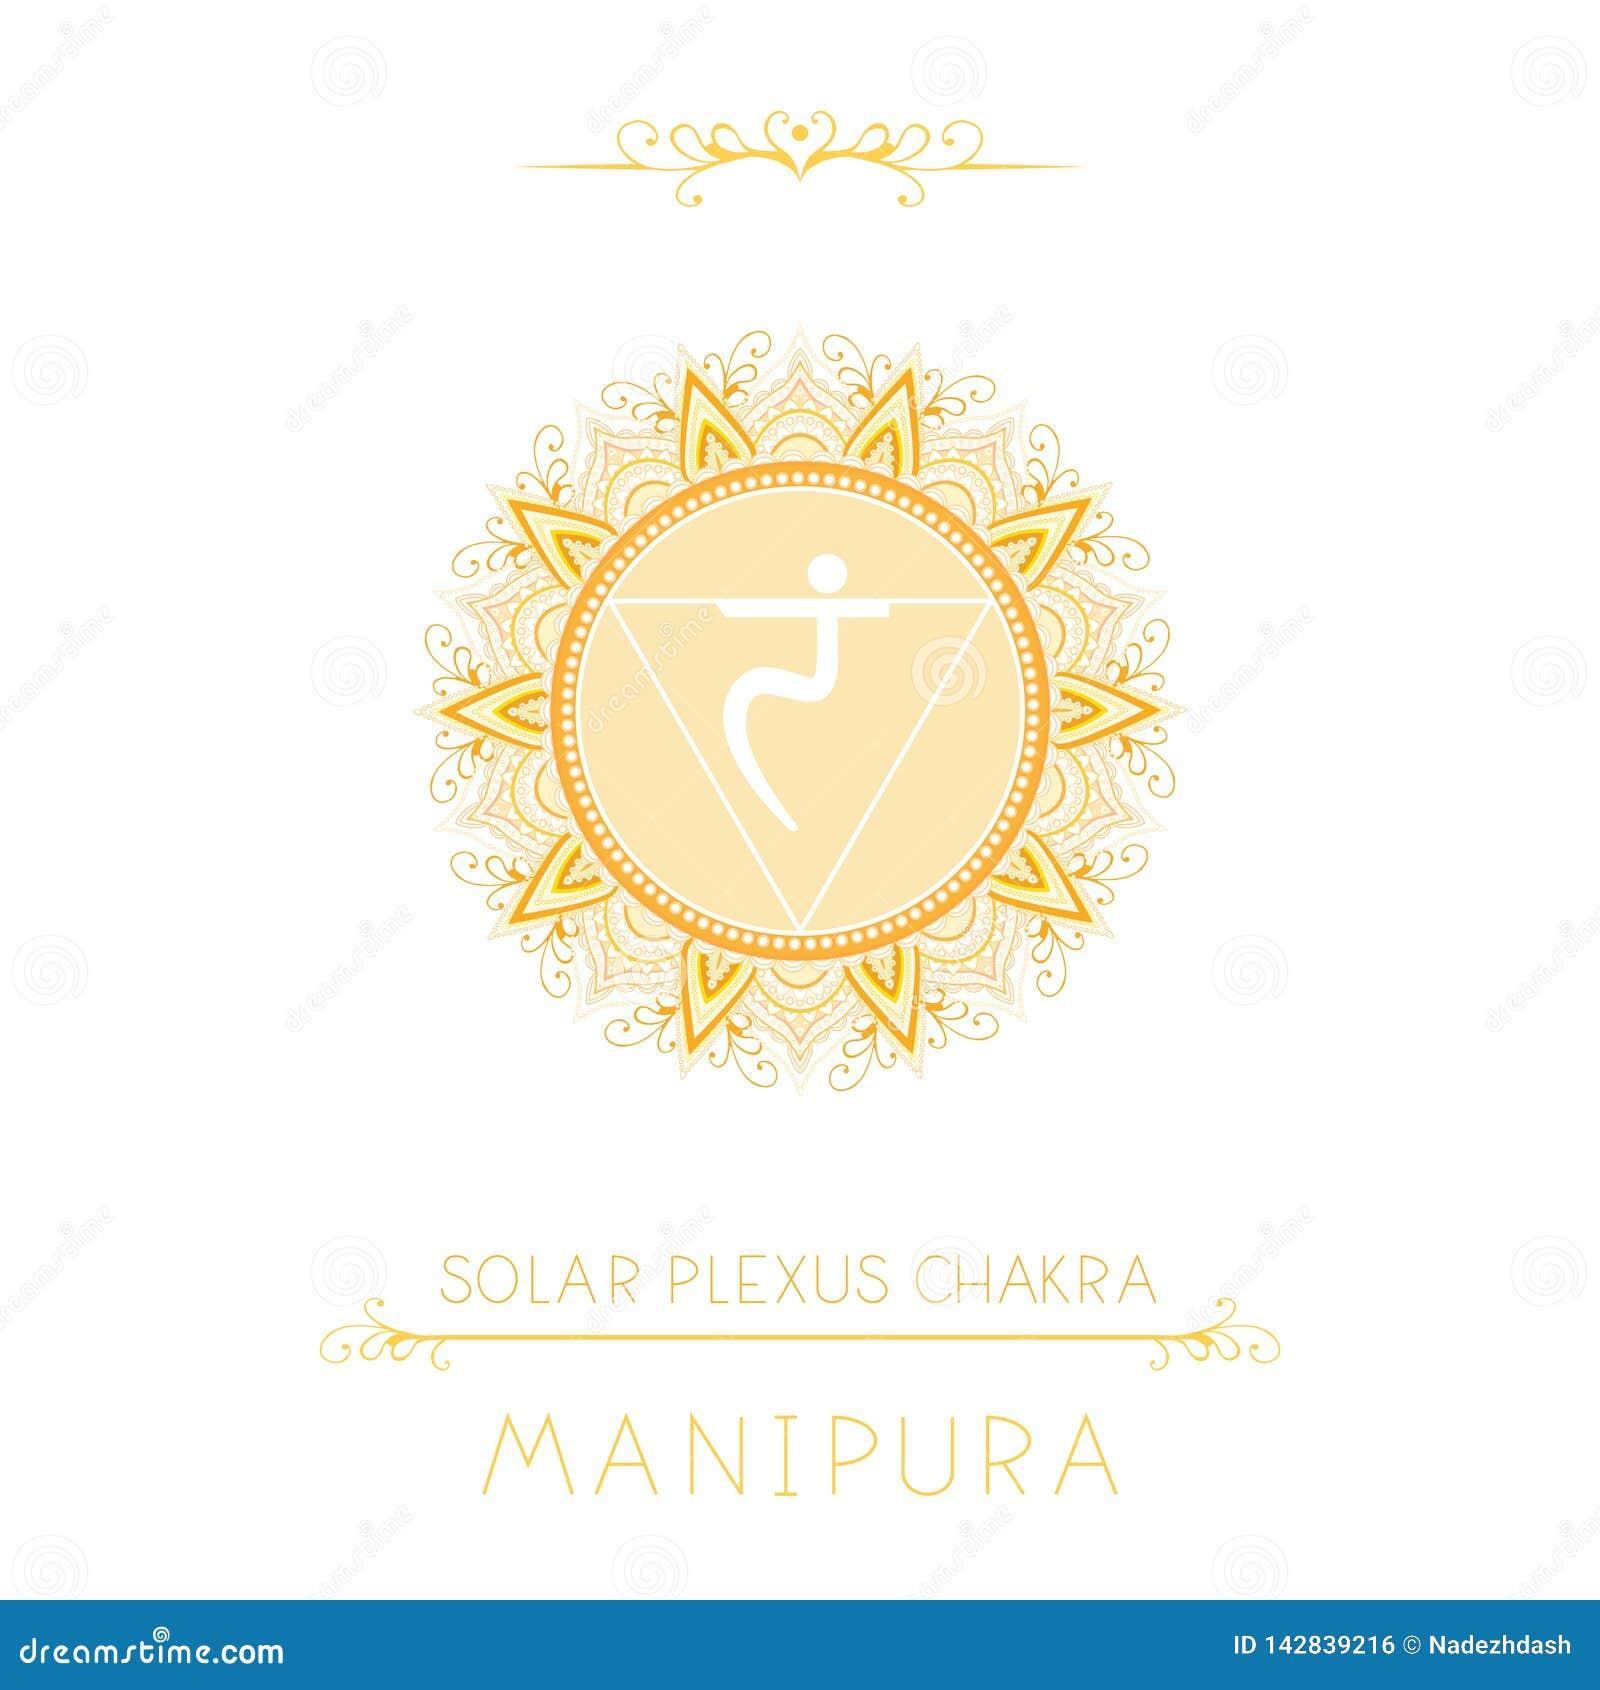 Vectorillustratie met symbool Manipura - Zonnevlechtchakra en decoratieve elementen op witte achtergrond